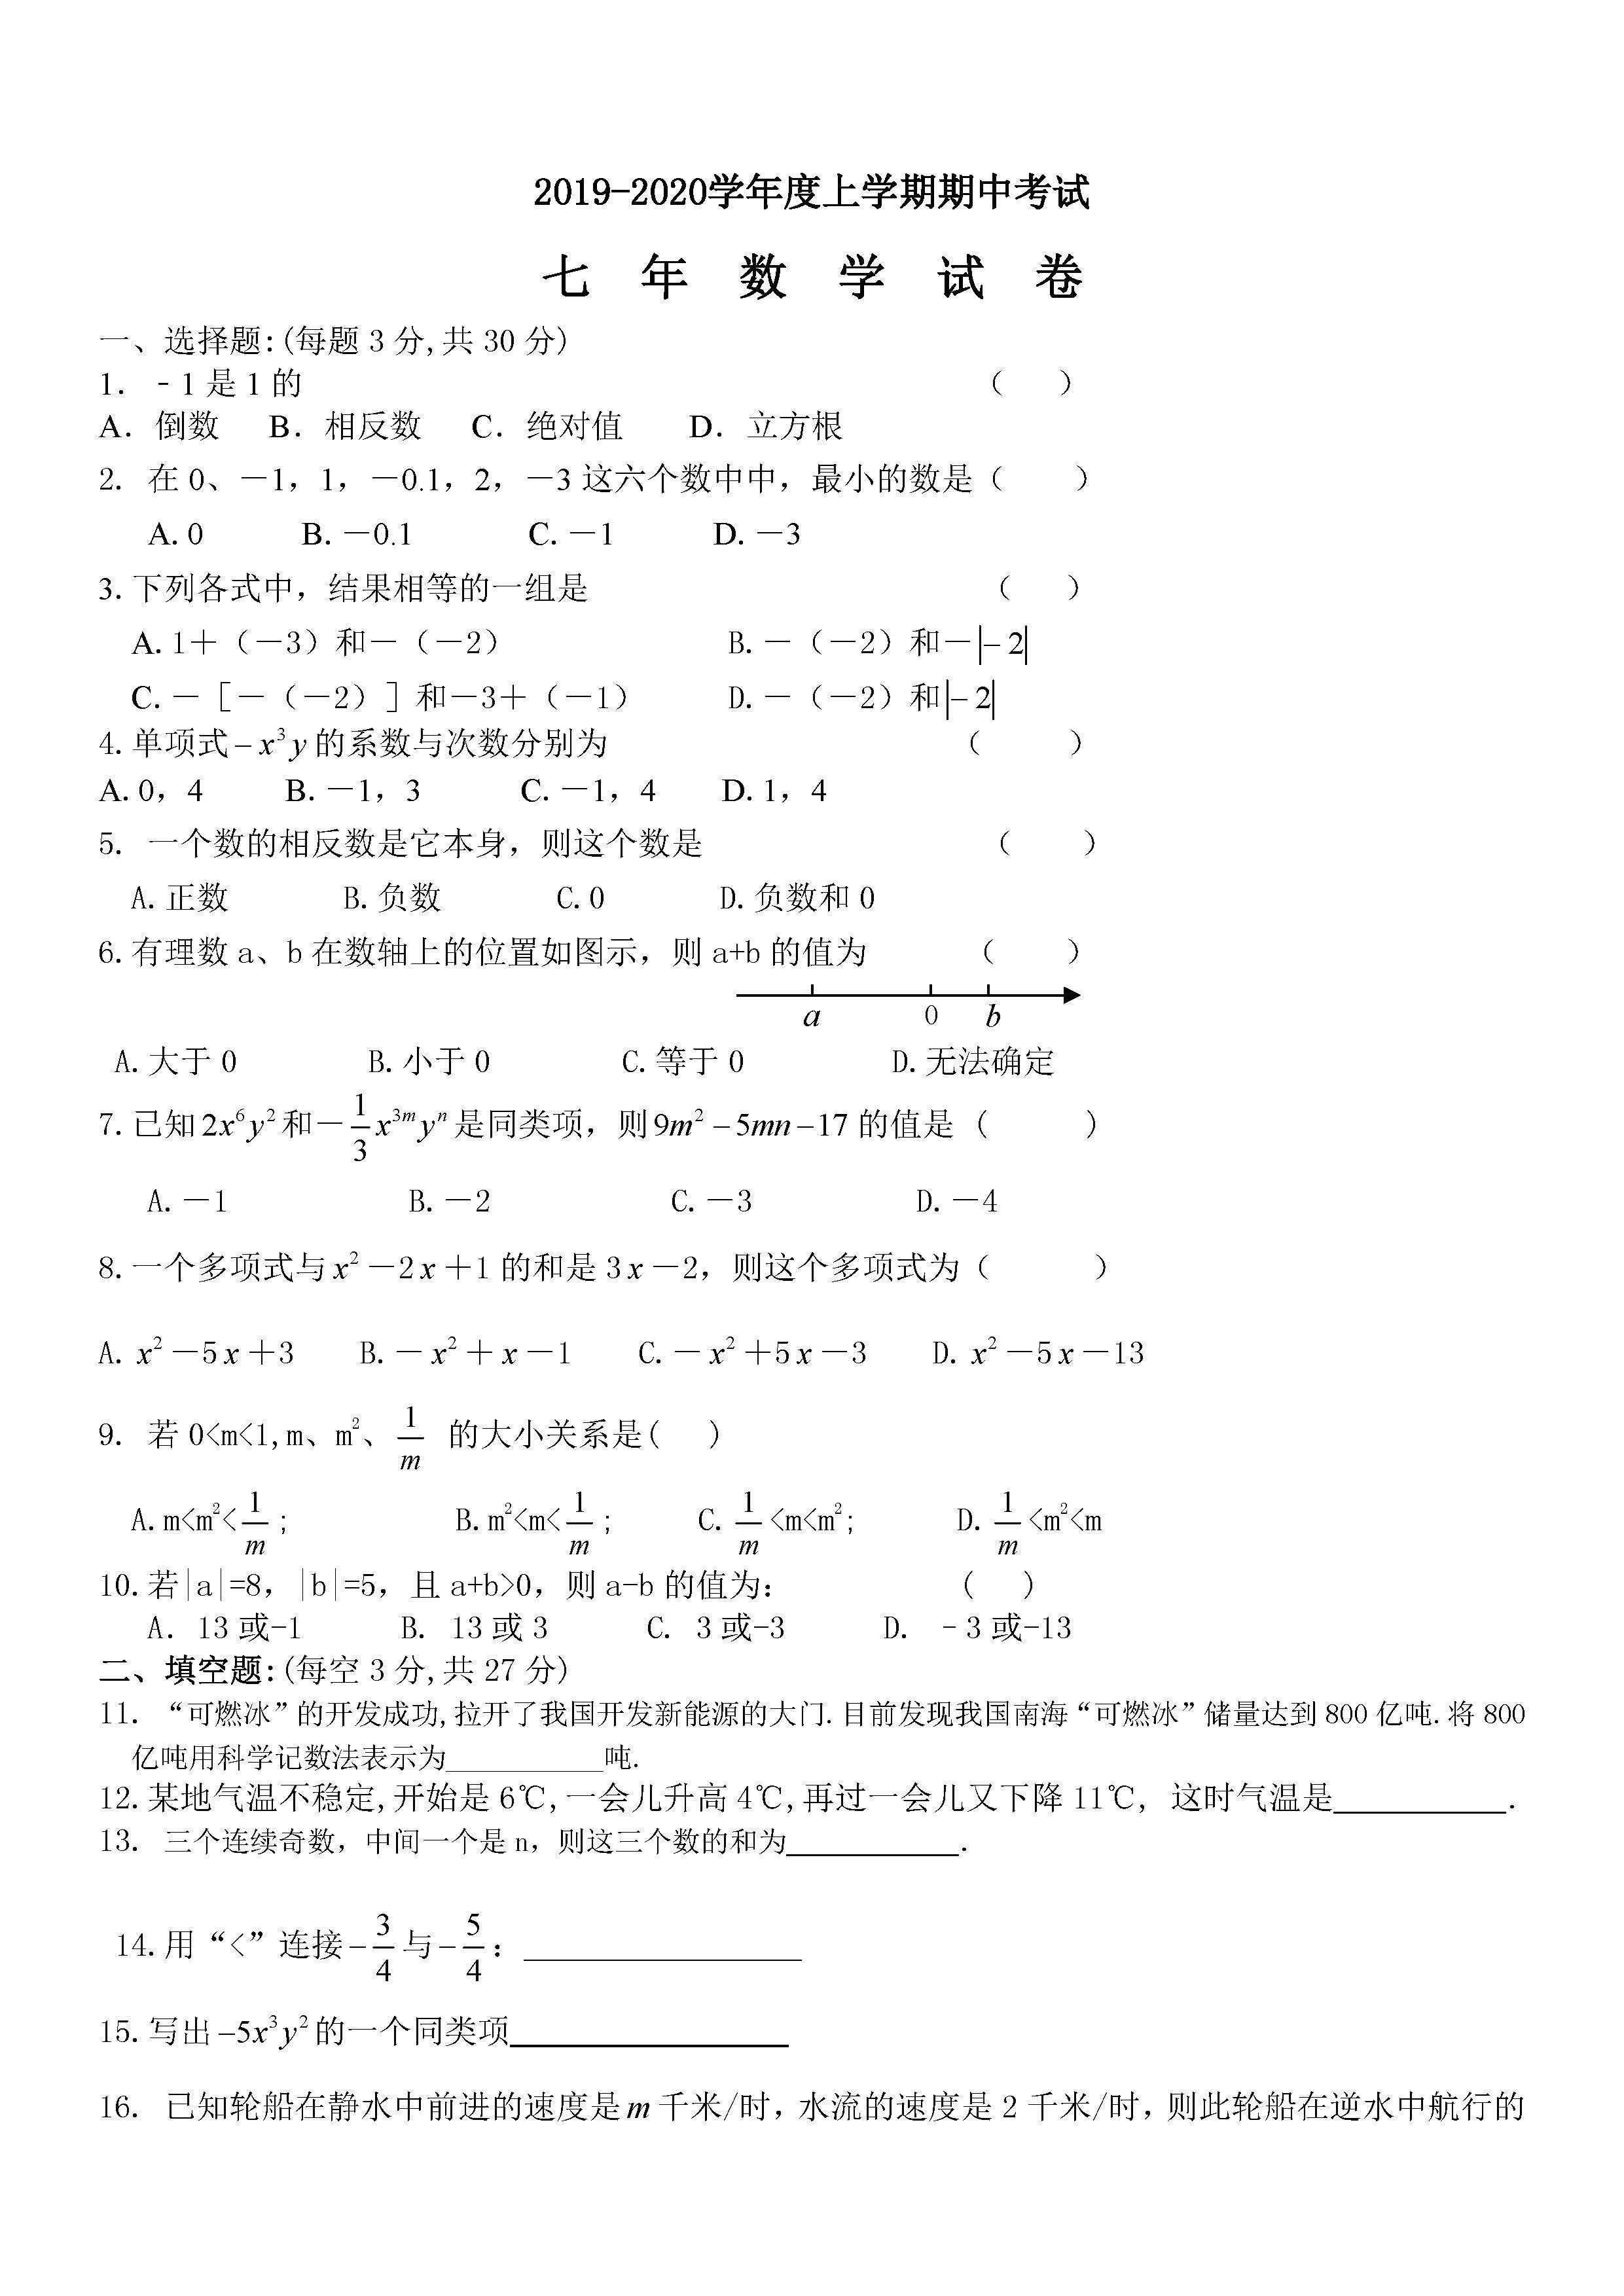 2019-2020黑龙江讷河市七年级上册数学期中试题无答案